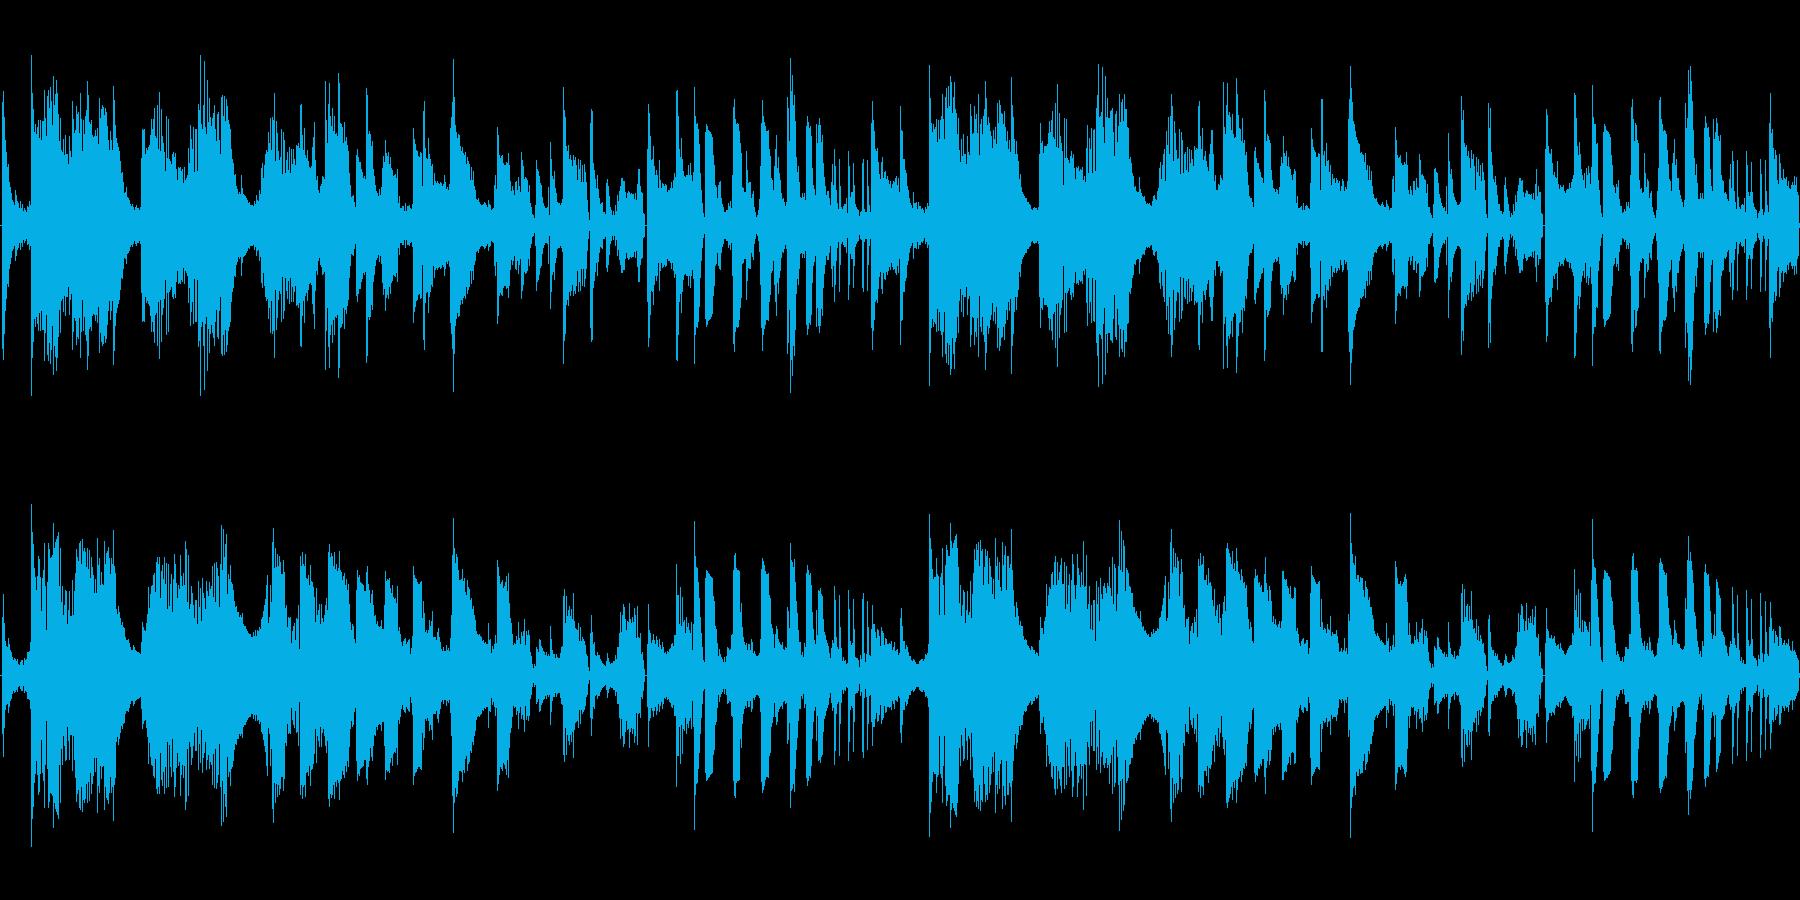 【オシャレ/ラウンジ/JAZZ】の再生済みの波形